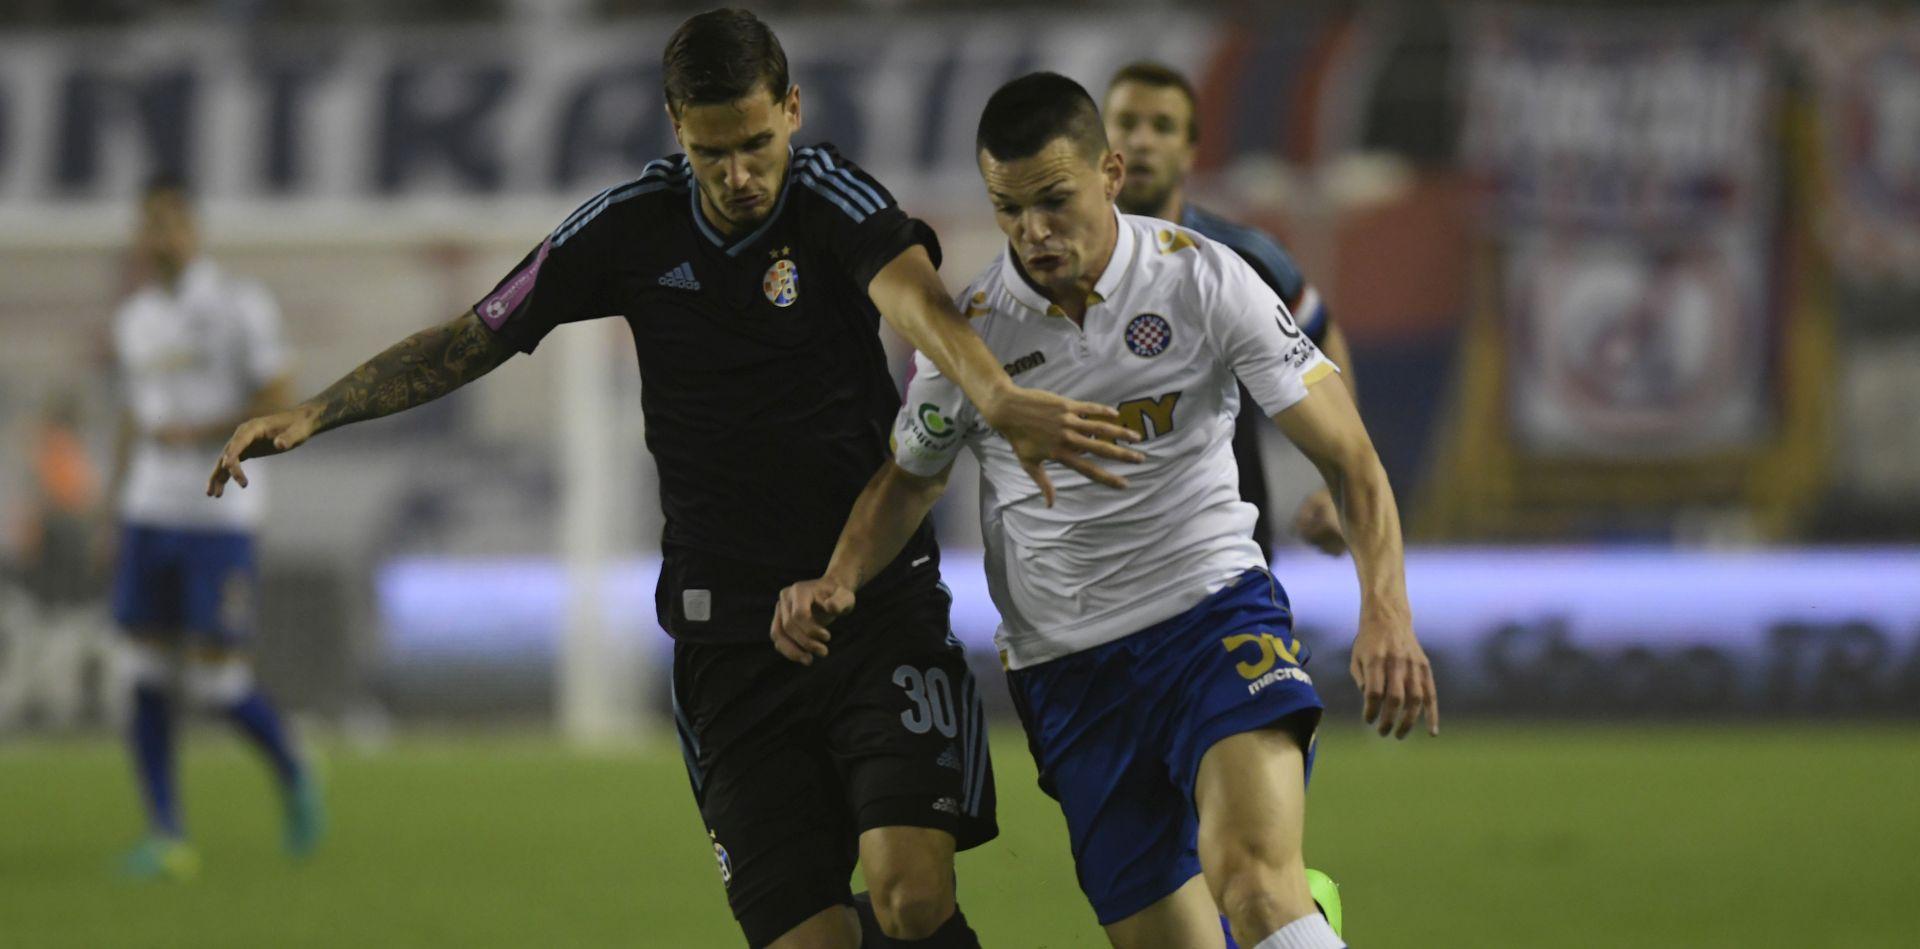 BEUSAN 'PRESUDIO' Dinamo izjednačio iz zaleđa, nije bilo penala na Ercegu